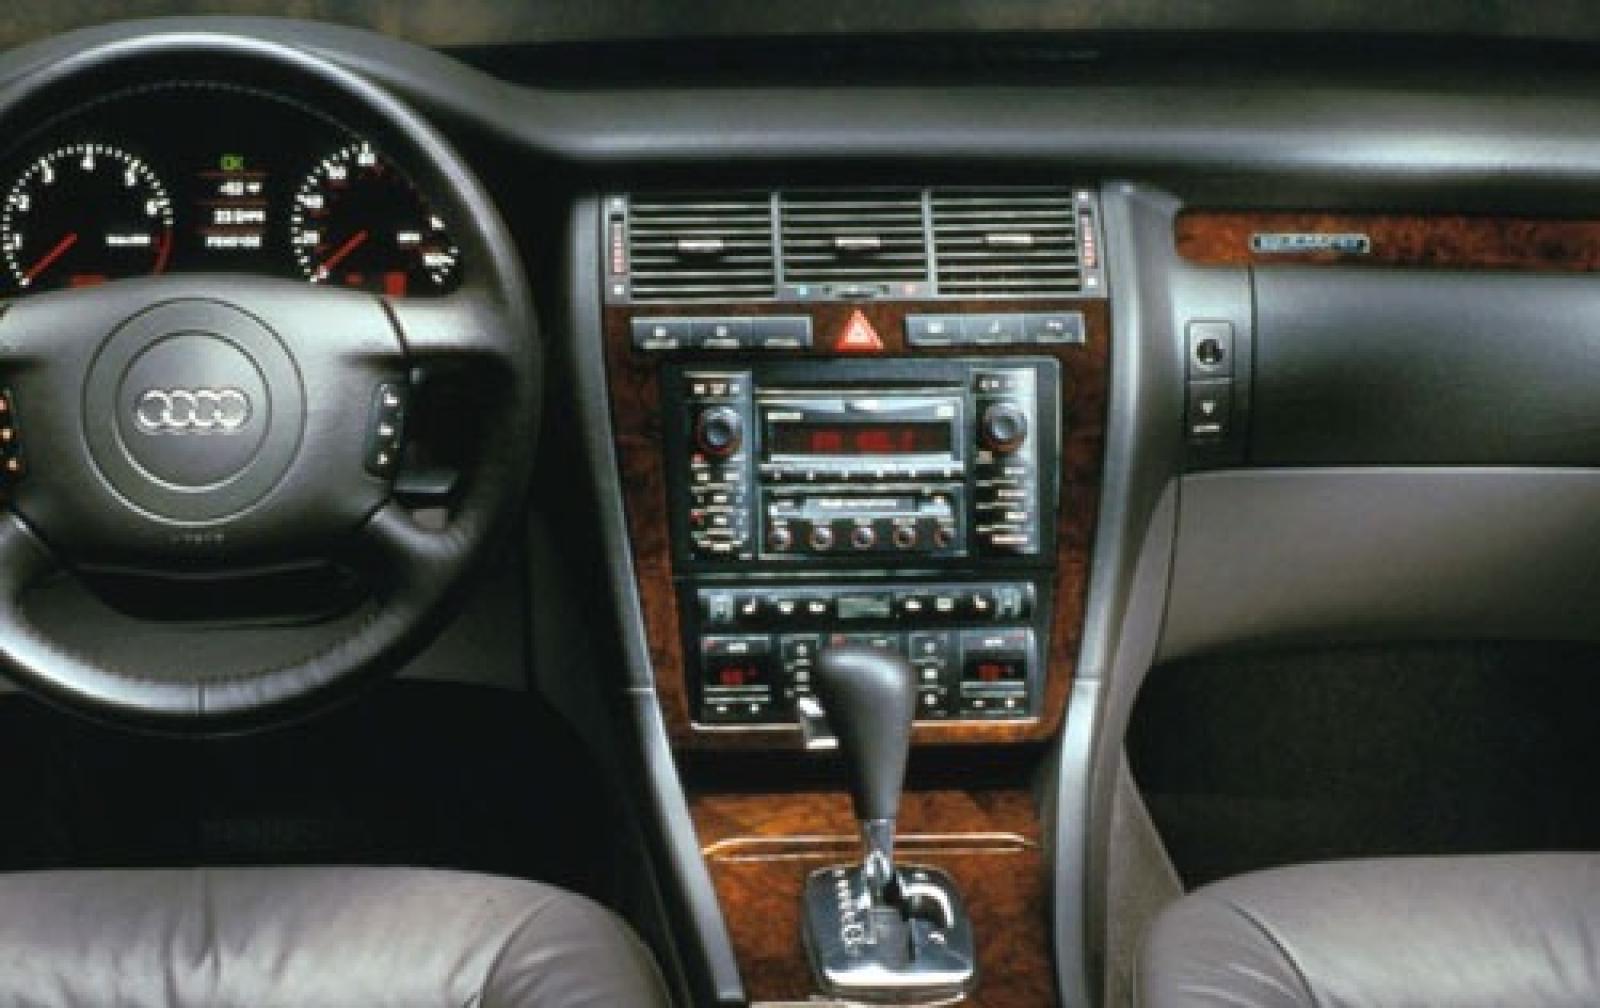 2000 audi a8 4 dr quattro exterior 9 800 1024 1280 1600 origin